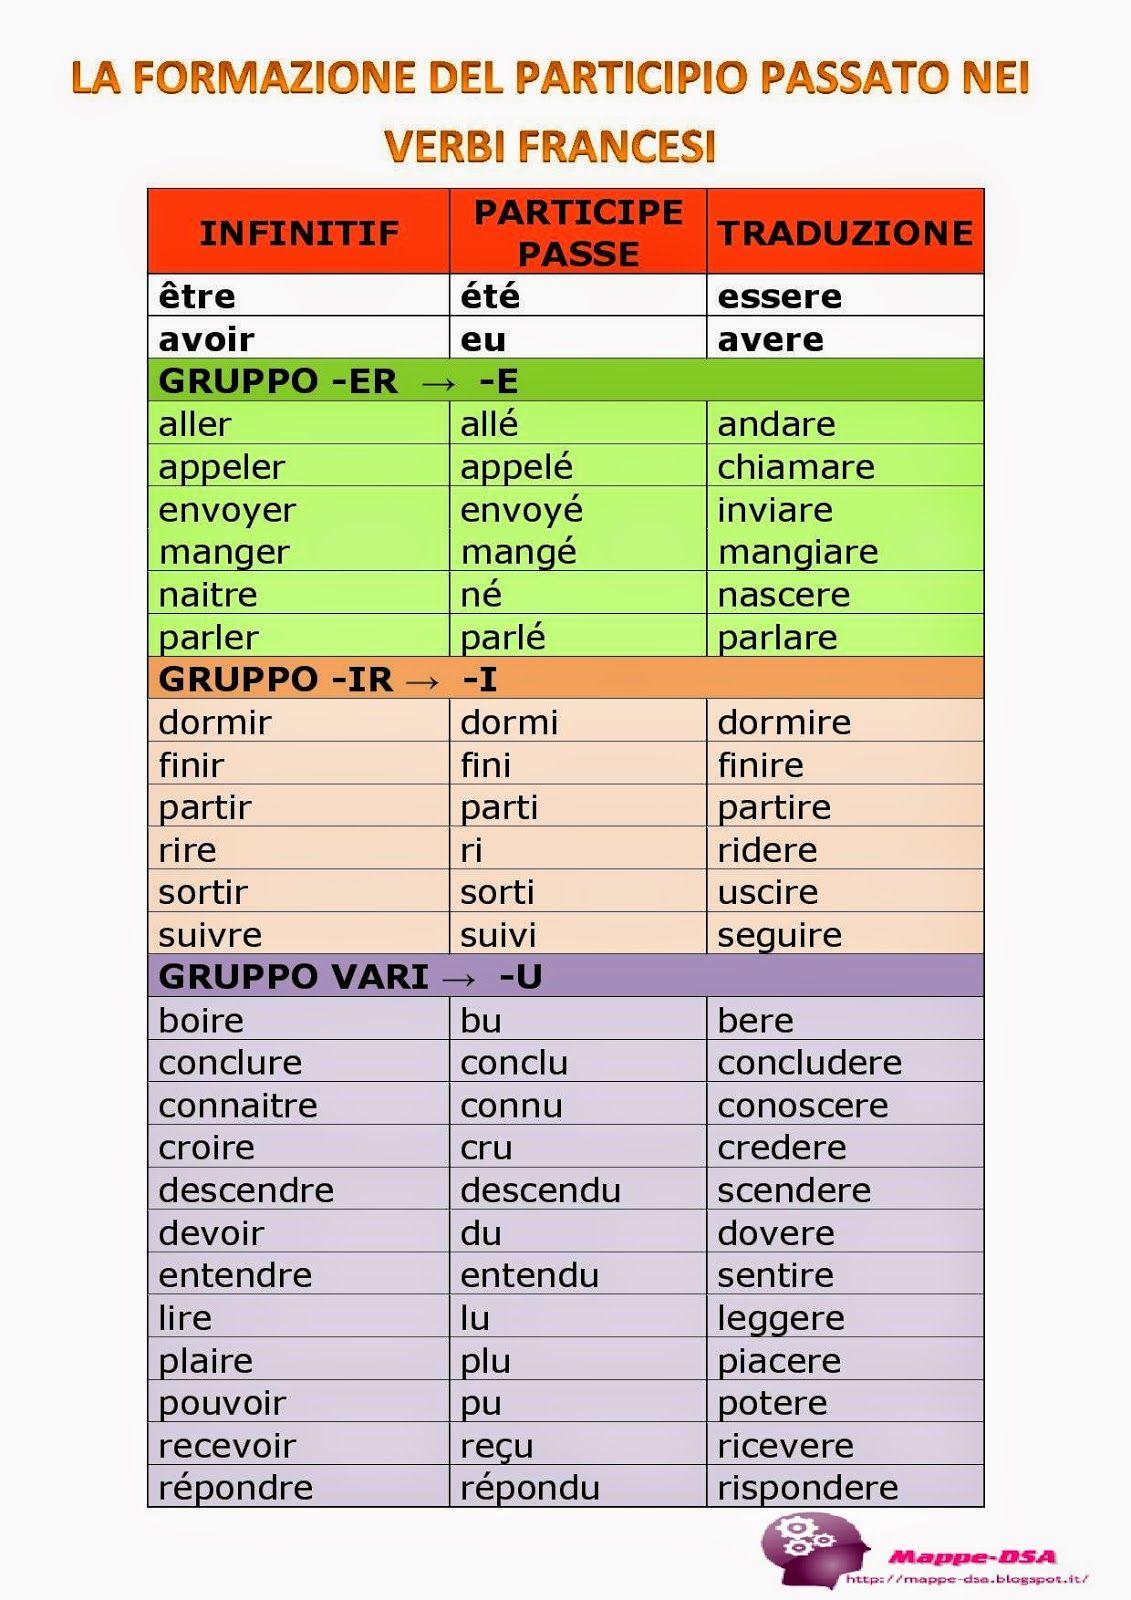 La Formazione Del Participio Passato Nei Verbi Francesi